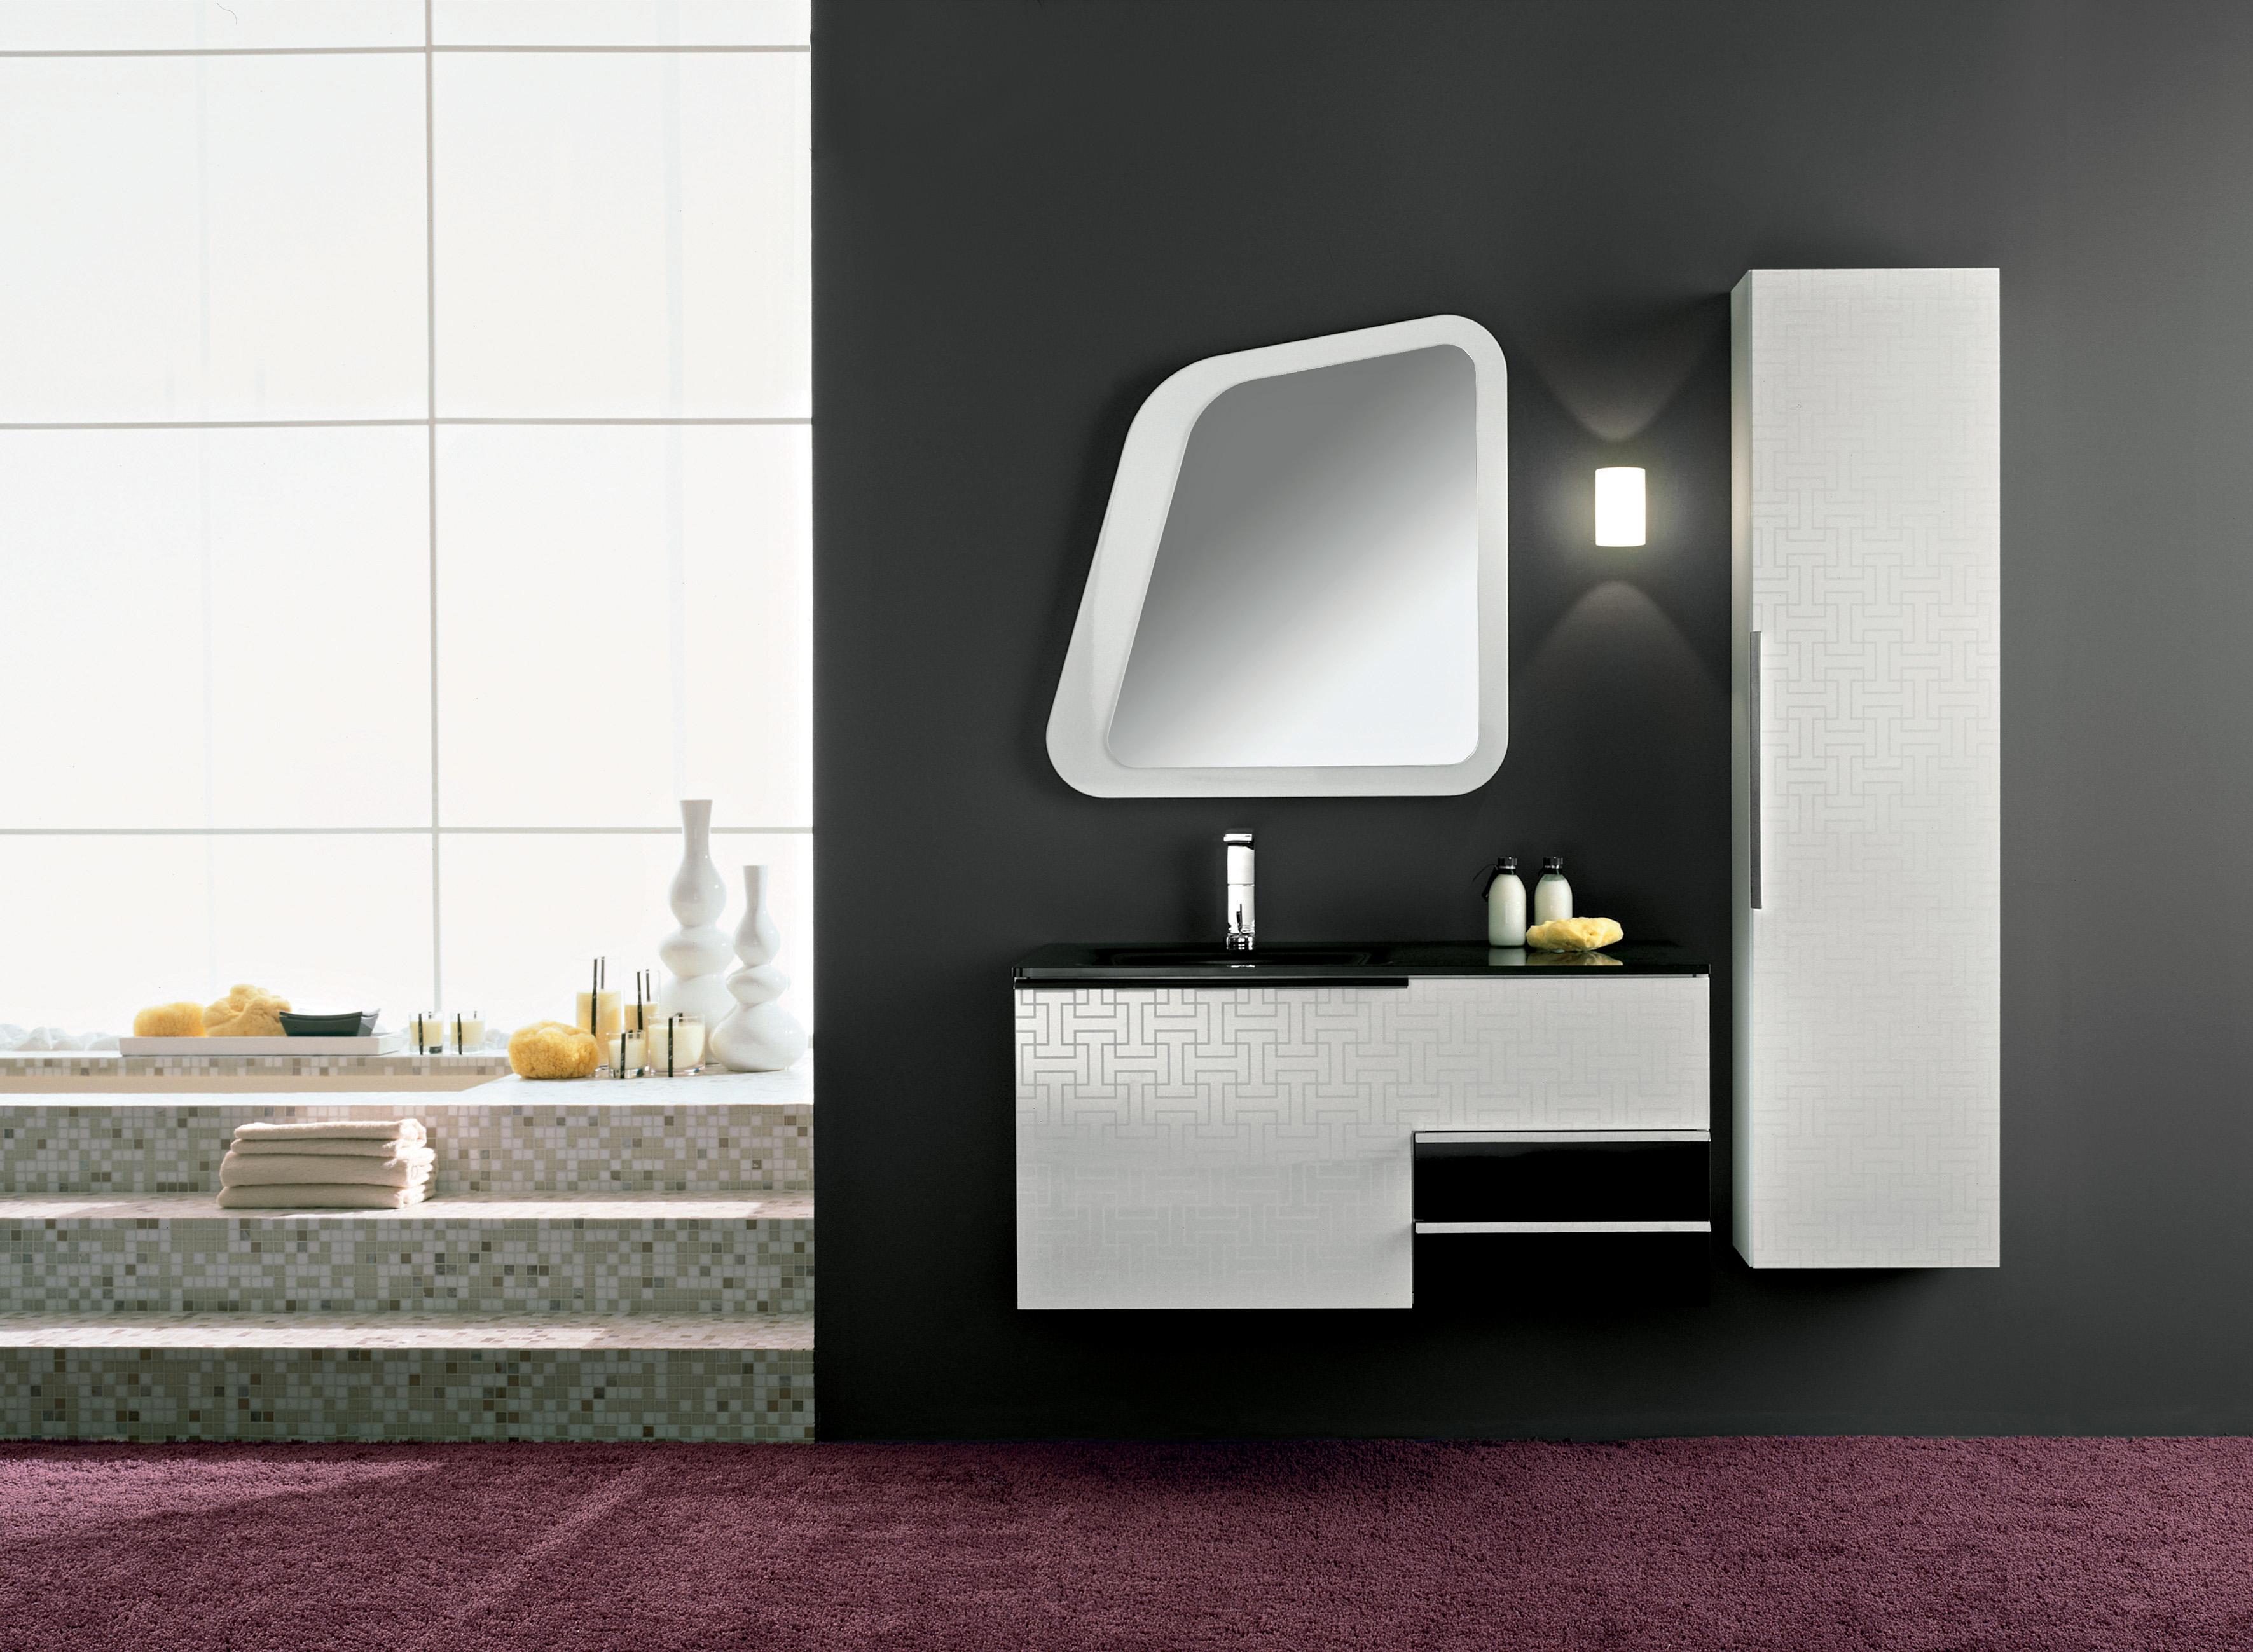 Mobili bagno padova per mobili arredo bagno a trento bolzano e per tutte le altre province - Arredo bagno padova prezzi ...